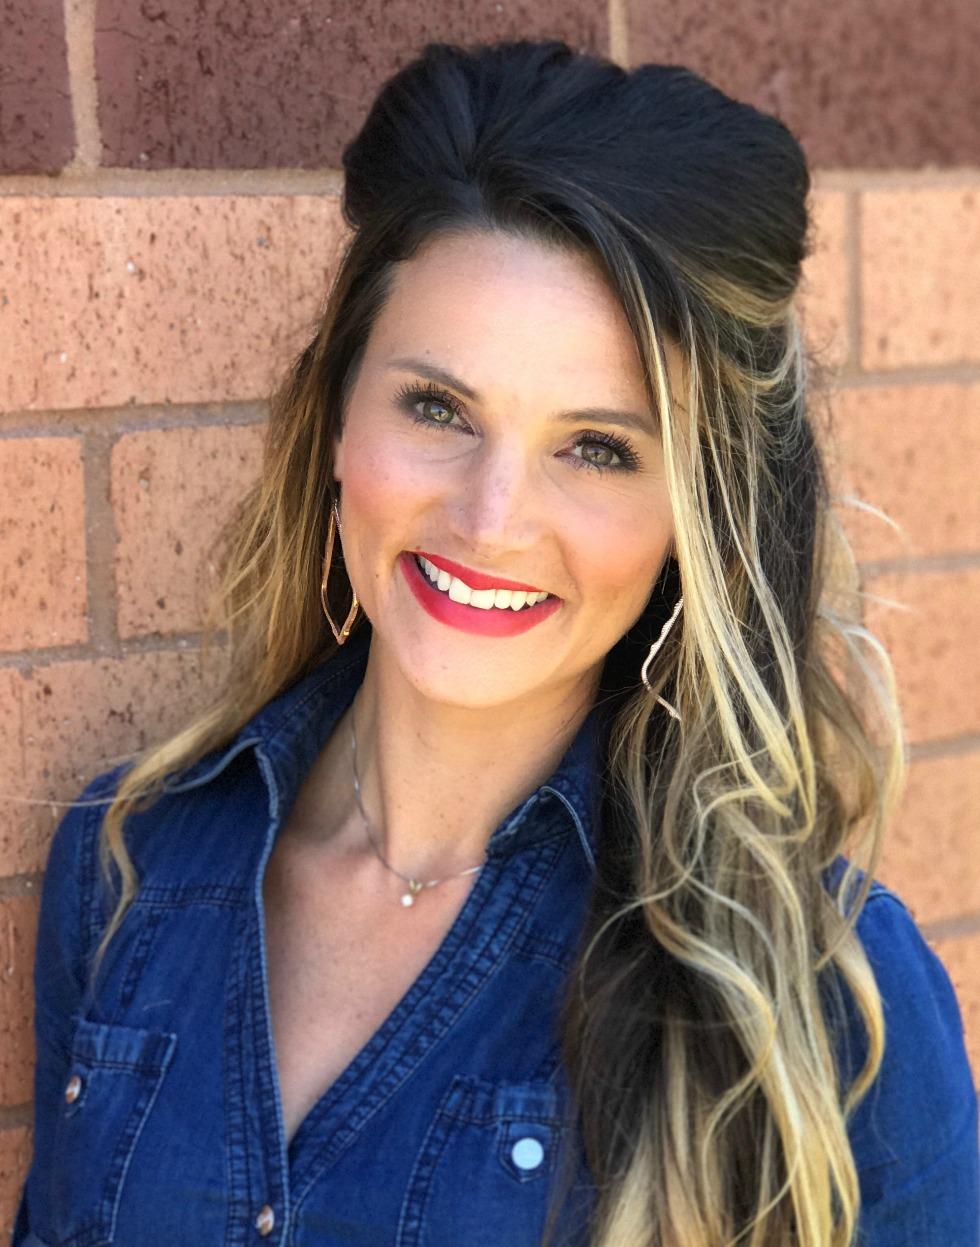 Kristen Hachtel